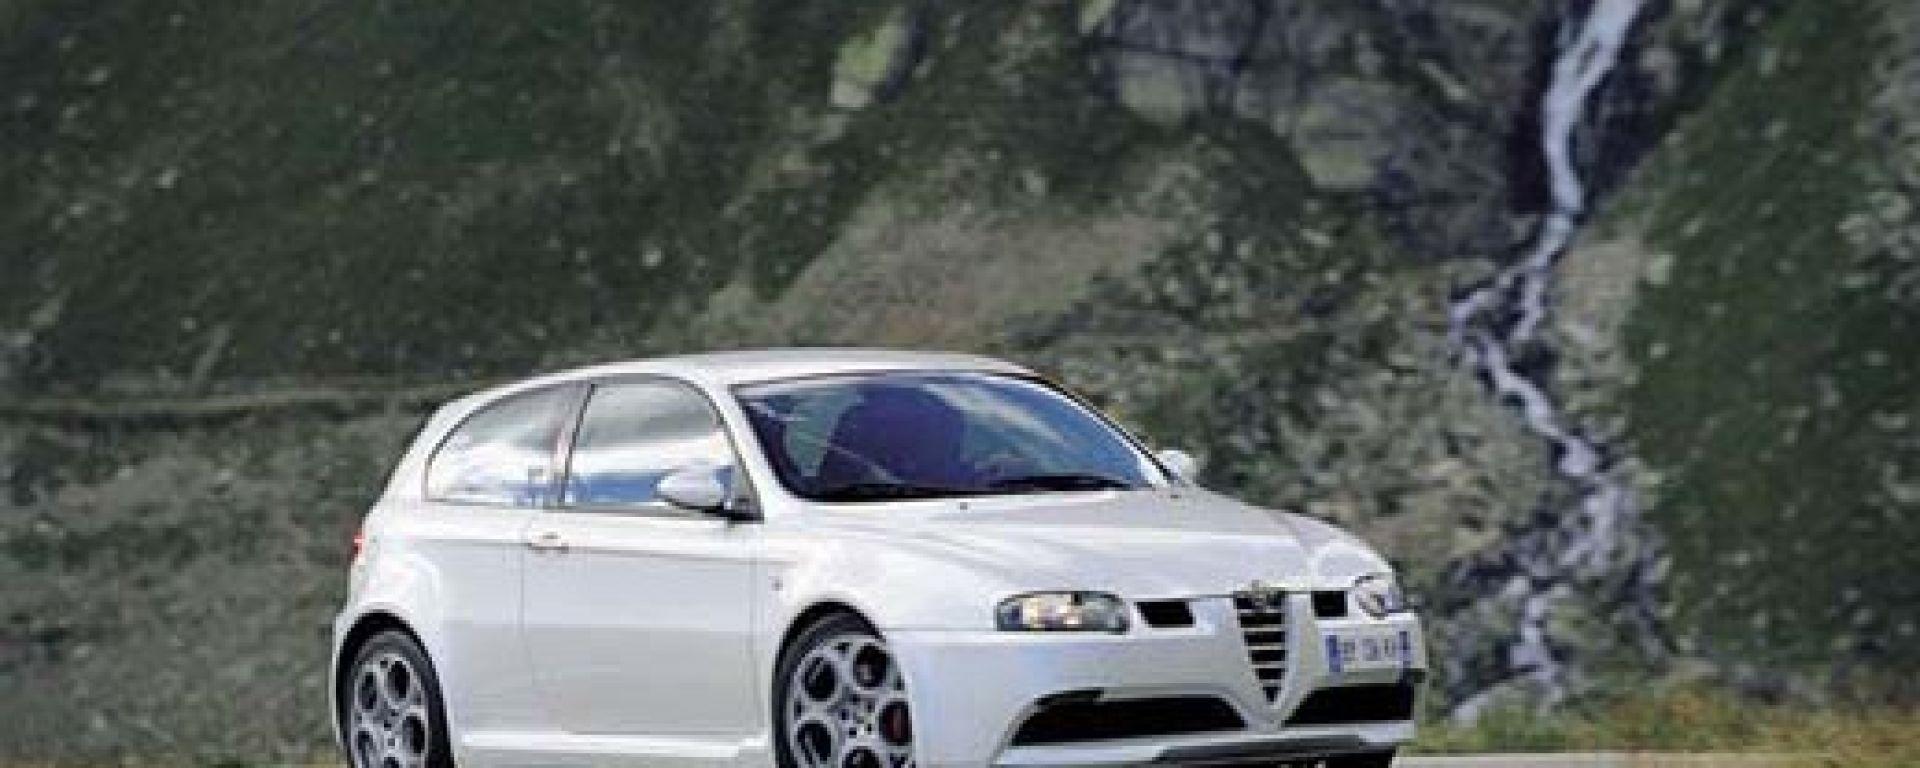 Su strada con l'Alfa Romeo 147 GTA